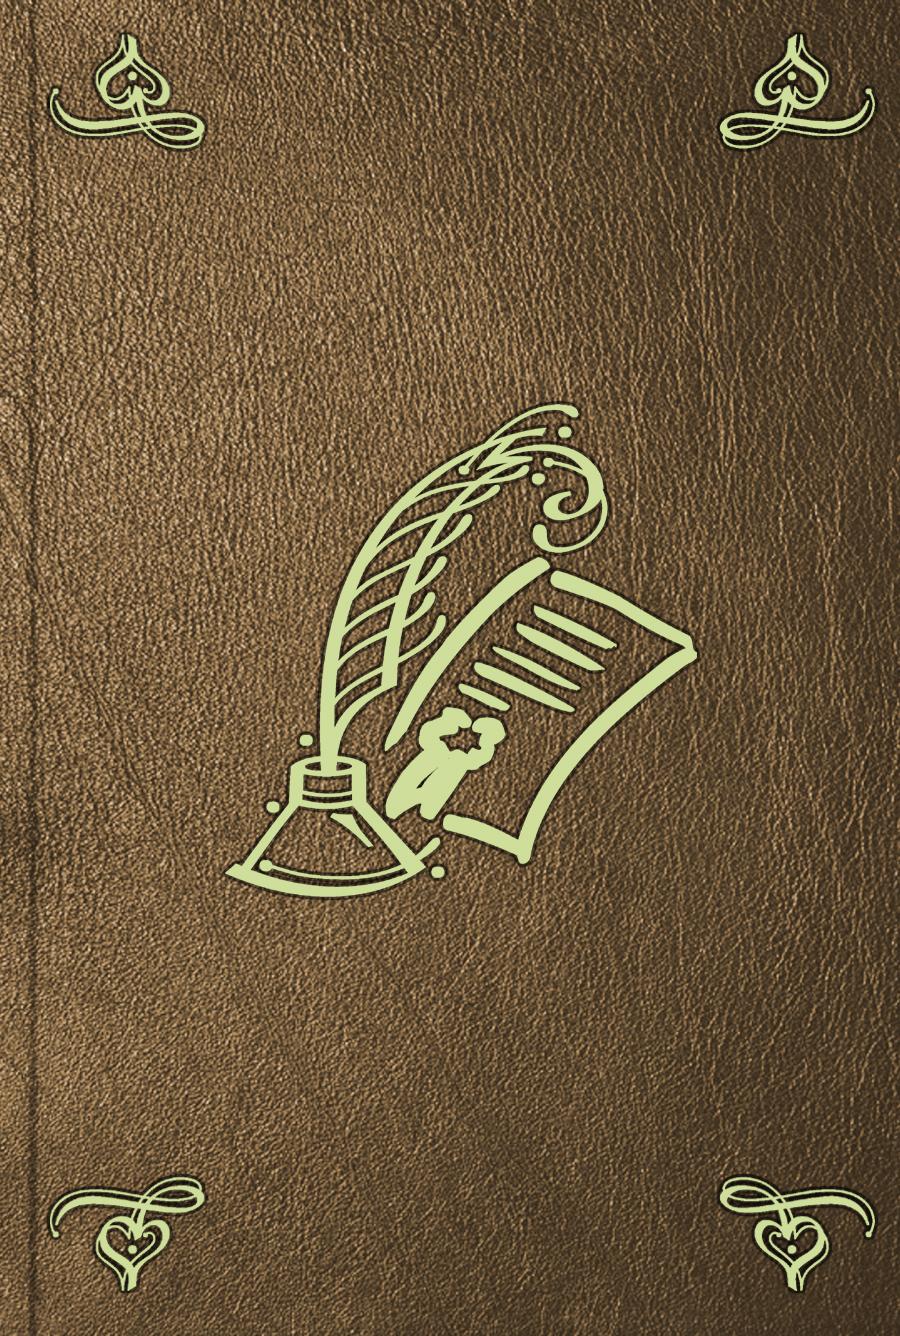 Charles Louis Lesur Annuaire historique universelle pour 1819 стекломой хозяюшка мила kw 01 зеленый